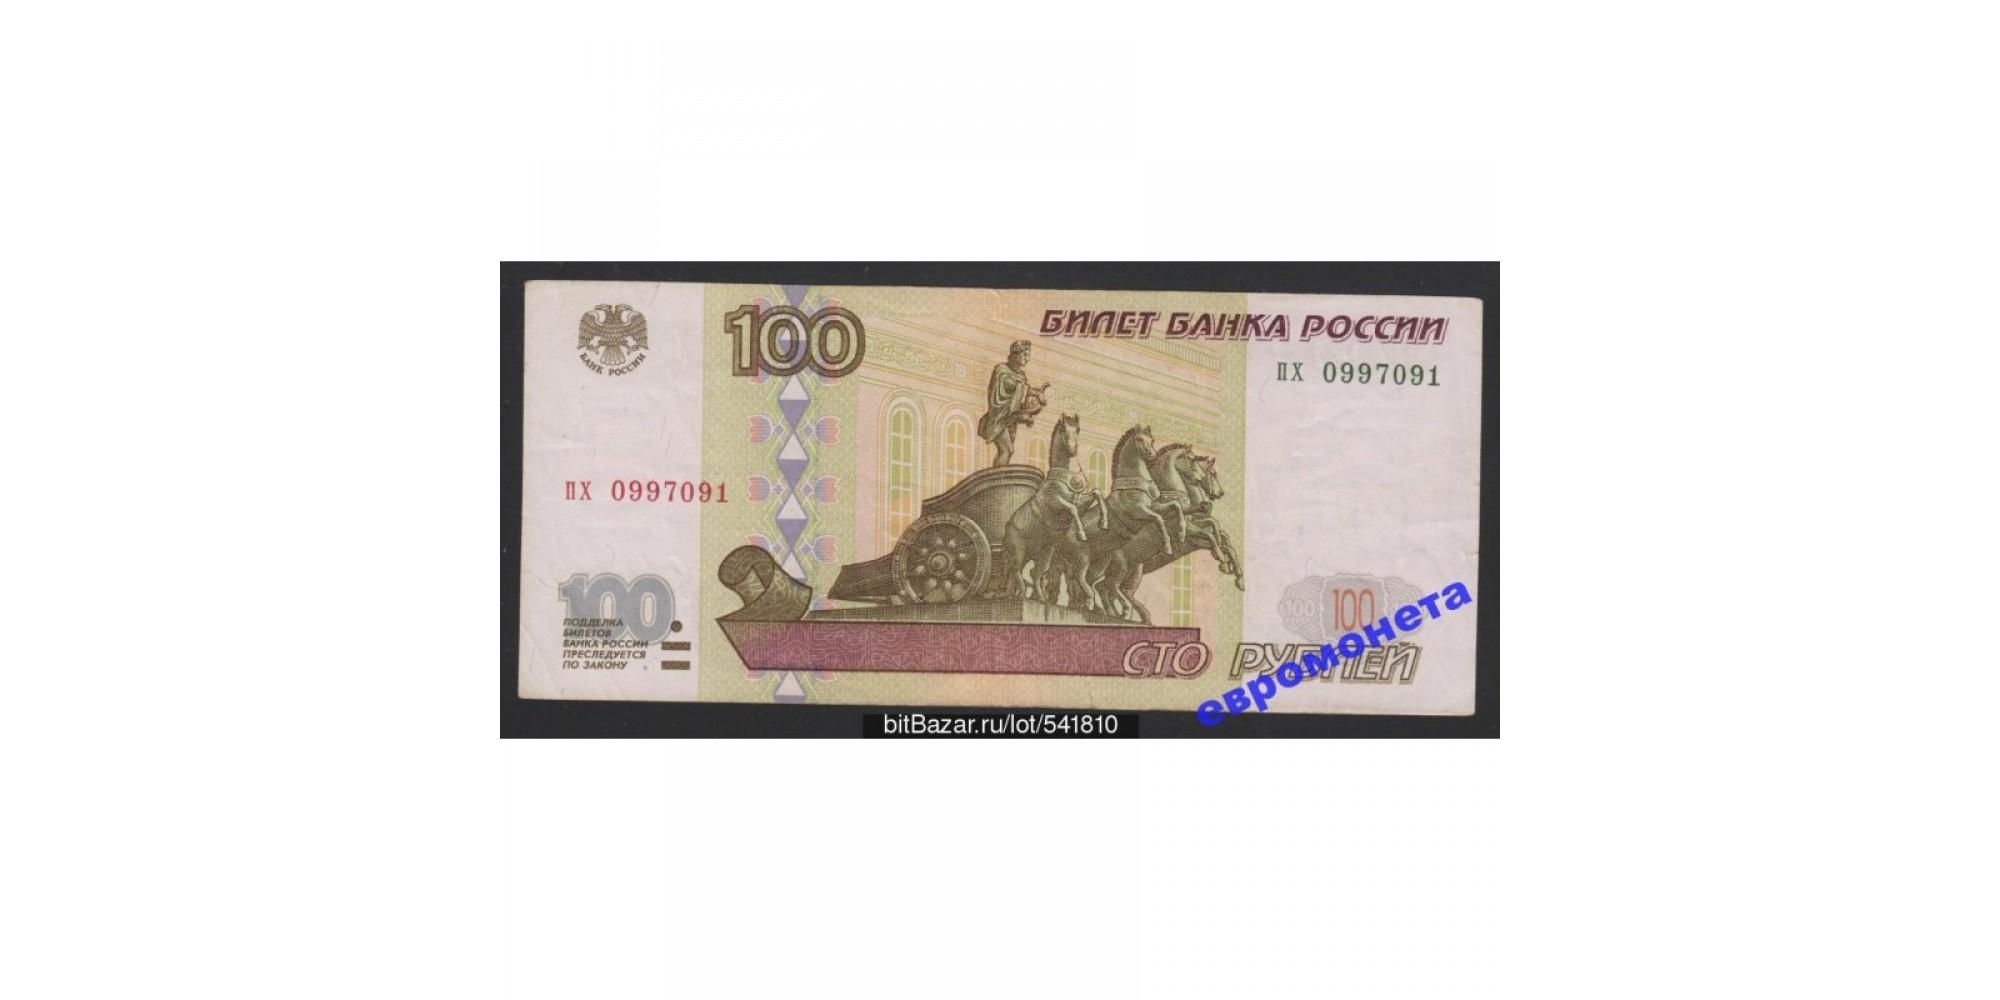 Россия 100 рублей 1997 год без модификации серия пх 0997091